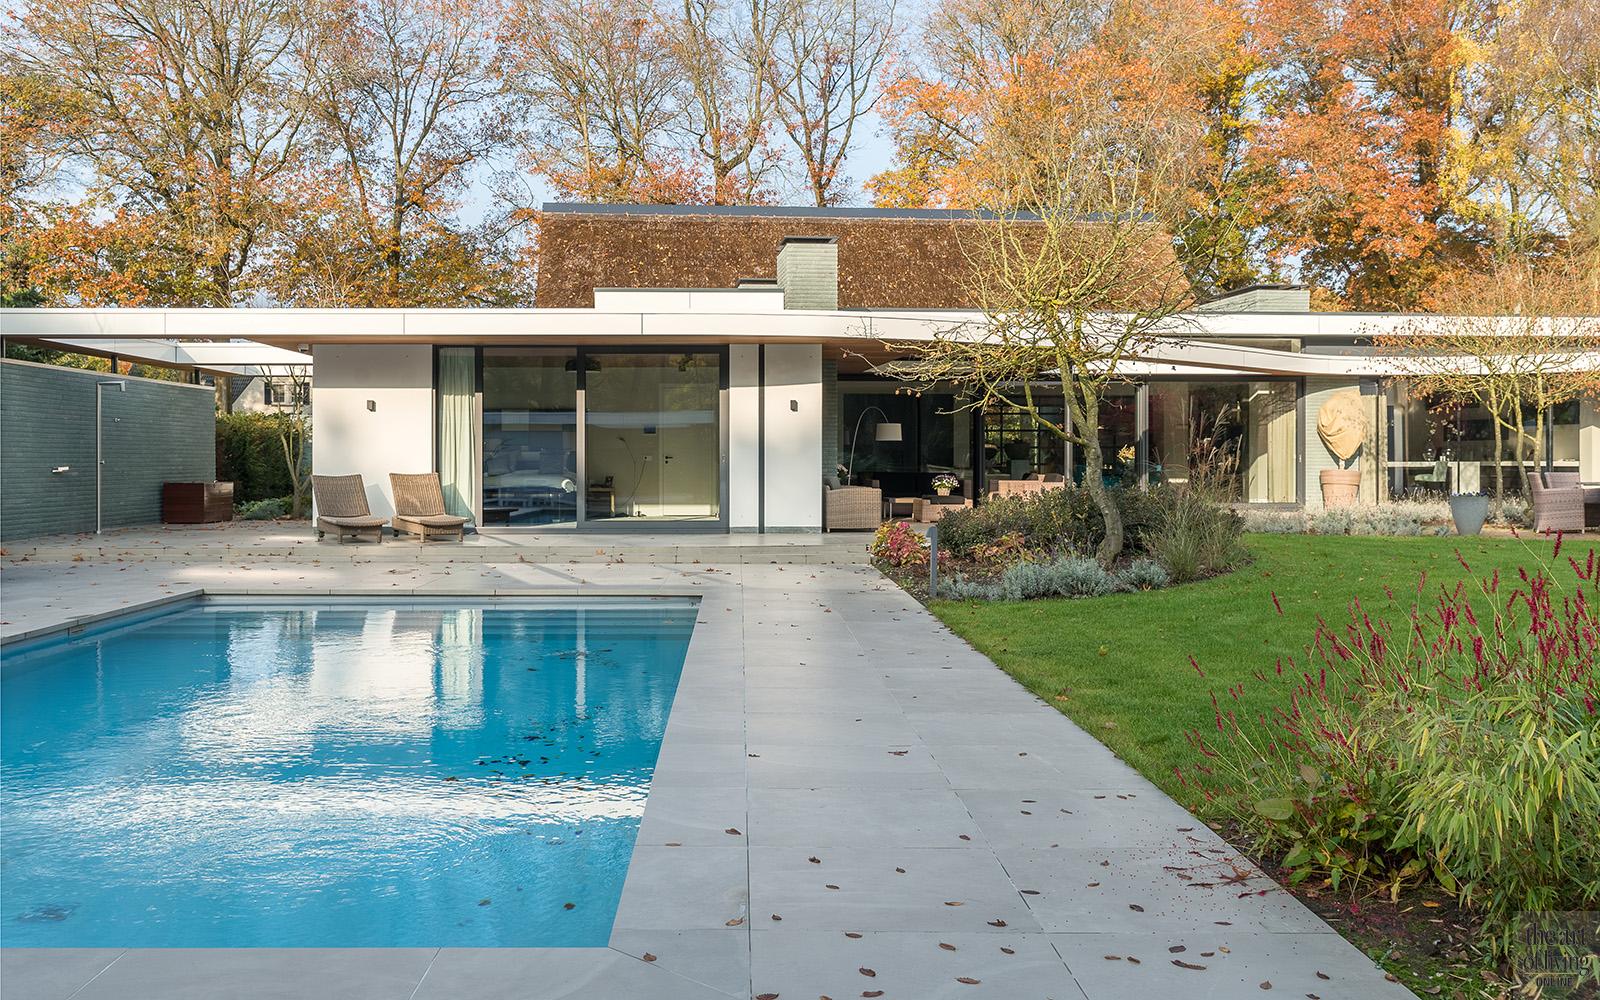 Natuurlijke materialen, Drijvers, Buitenzwembad, Zwembad, tuin, Exterieur, Tuin design, Moderne tuin, Rieten dak, Moderne woning, Moderne villa